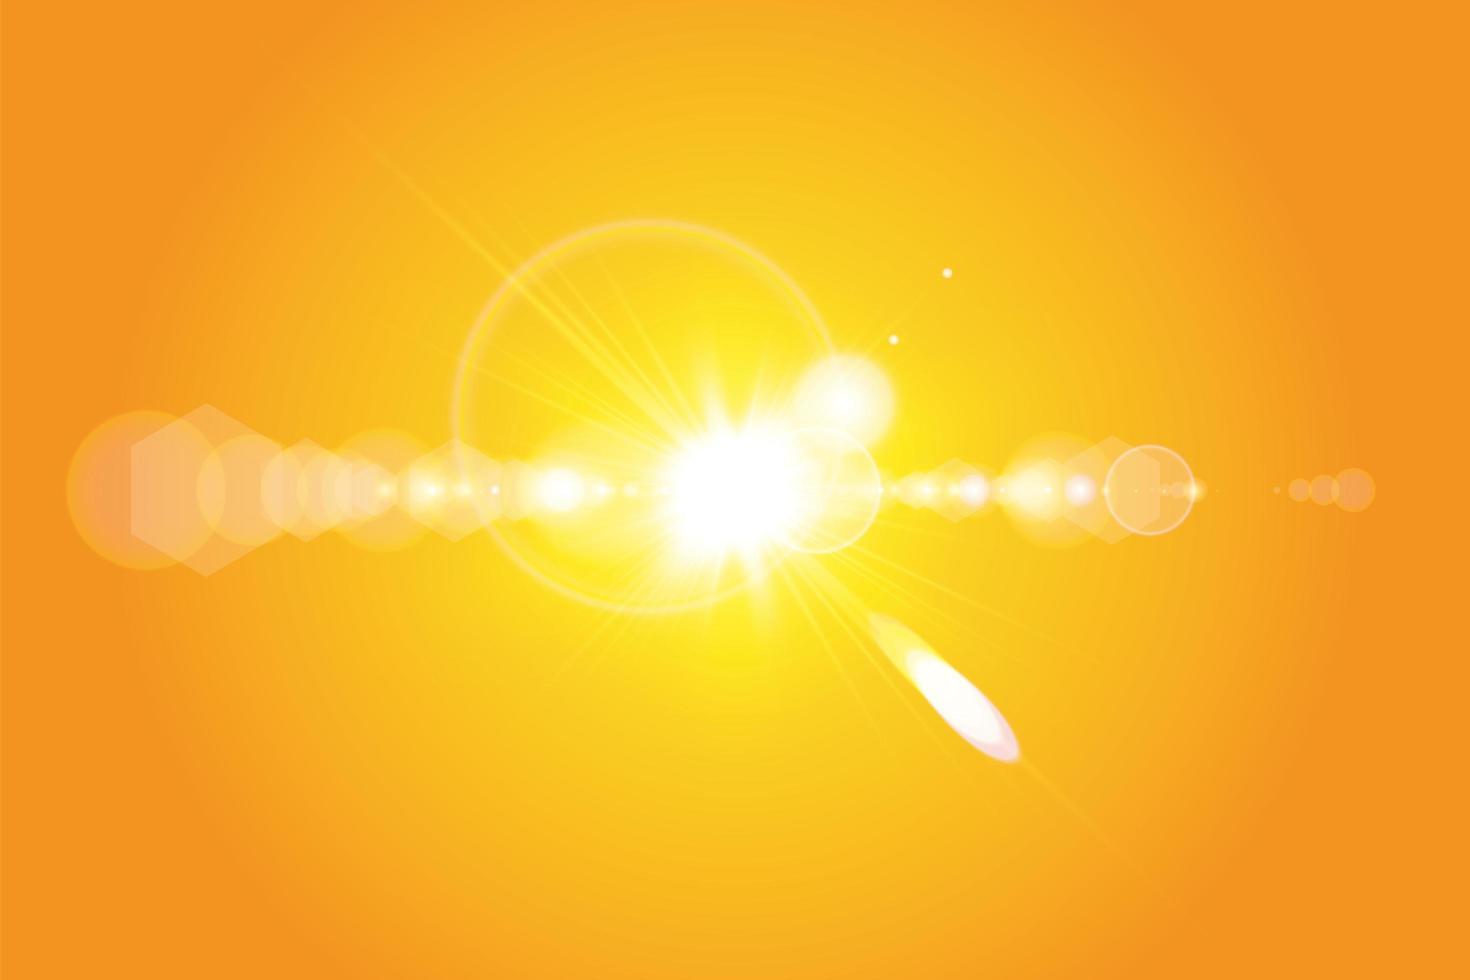 soleil chaud et flare sur dégradé jaune orange vecteur